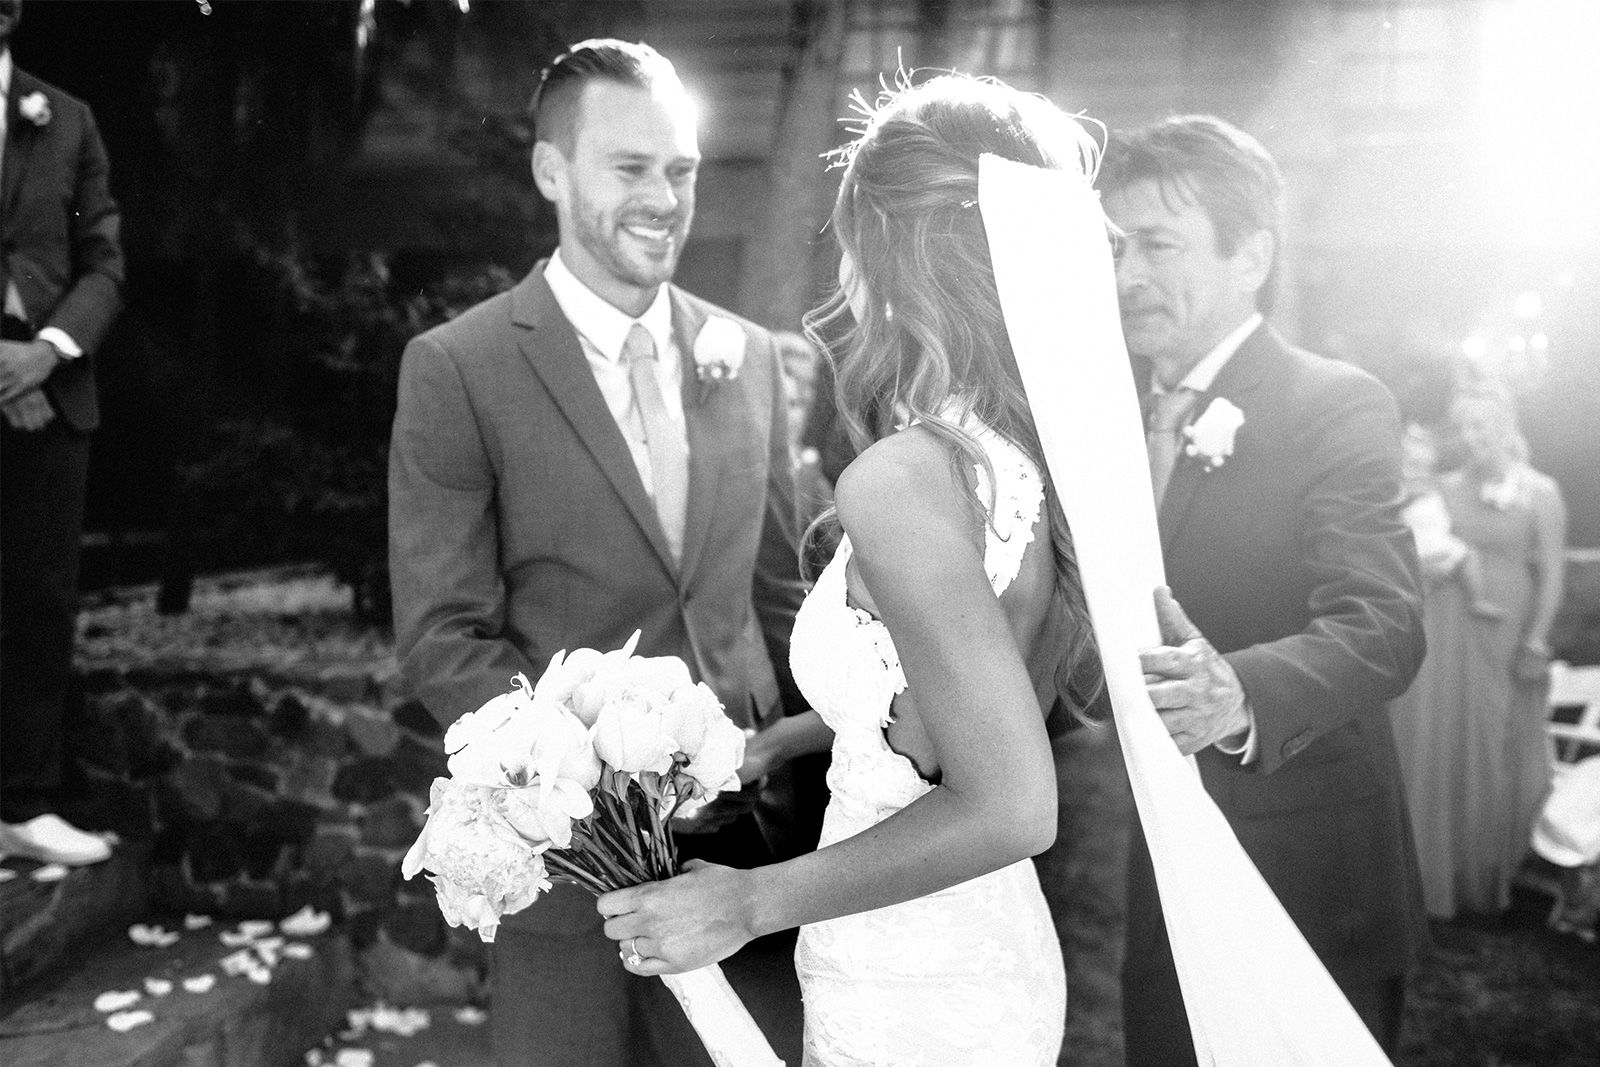 тоже свадьба мельниченко и николич фото обмотать шею